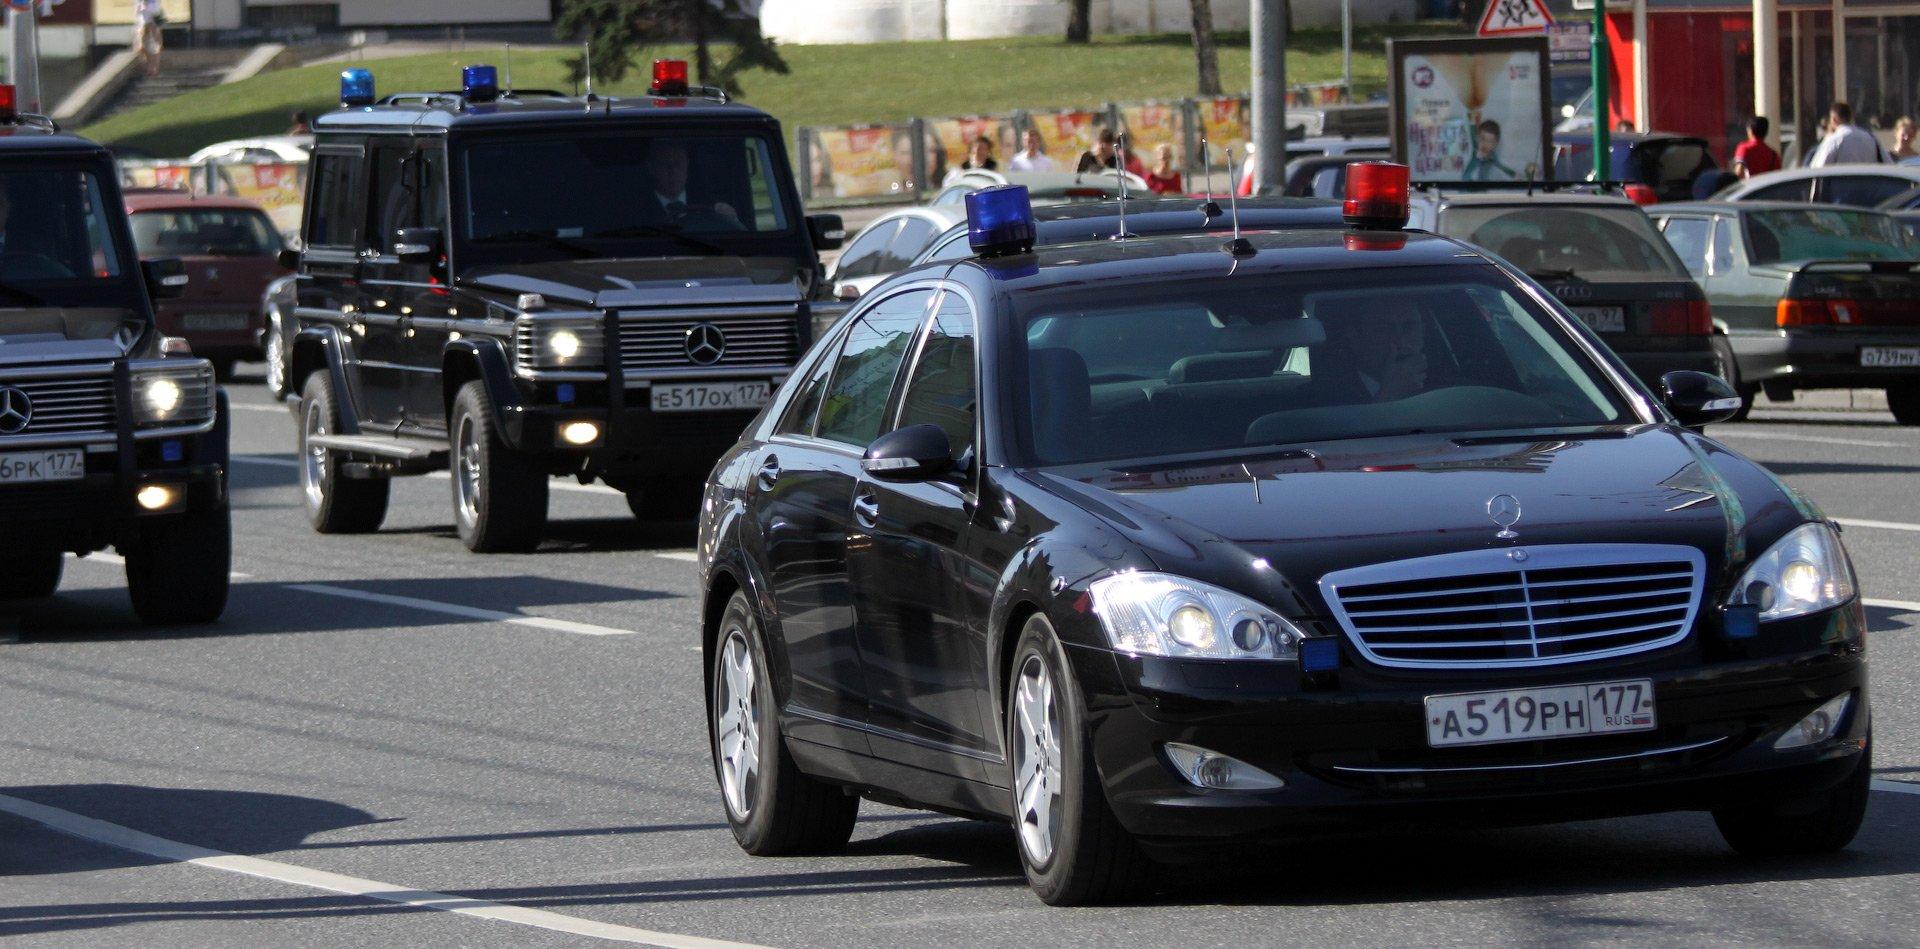 Какие серии и номера авто используются у правительства и силовых структур